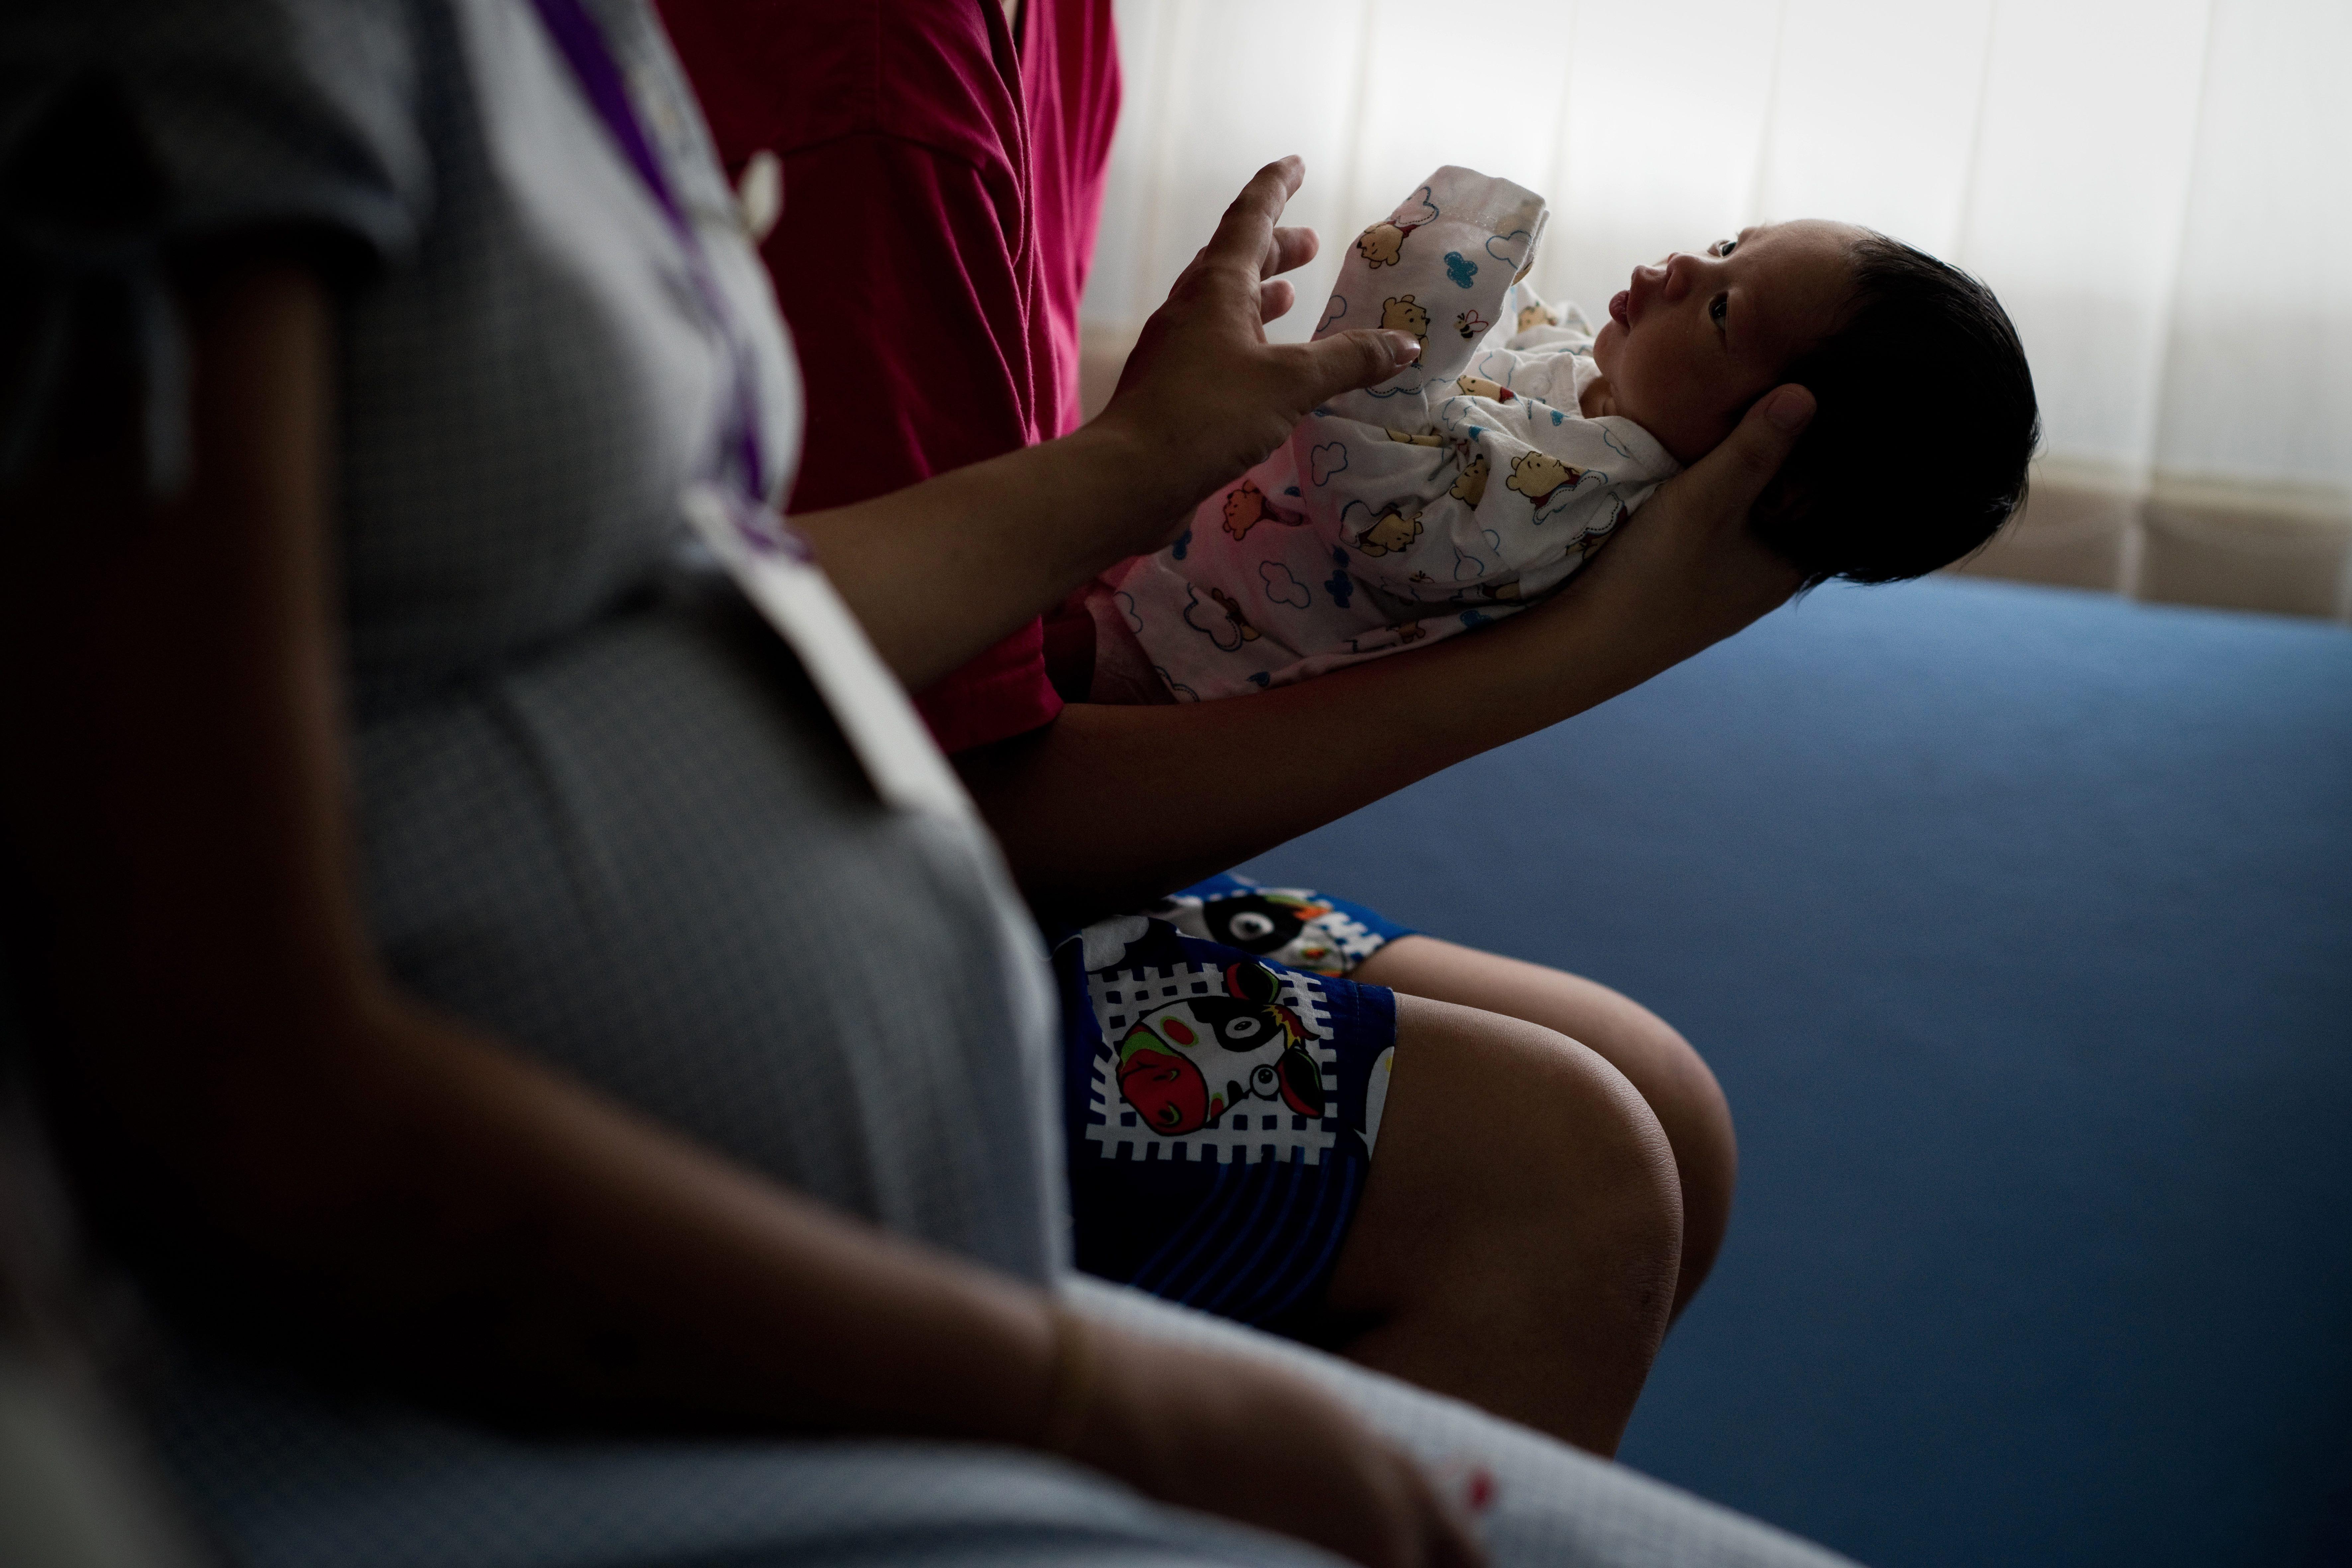 Gravidanza: ciò che si mangia prima del concepimento può influire sulla salute del bambino